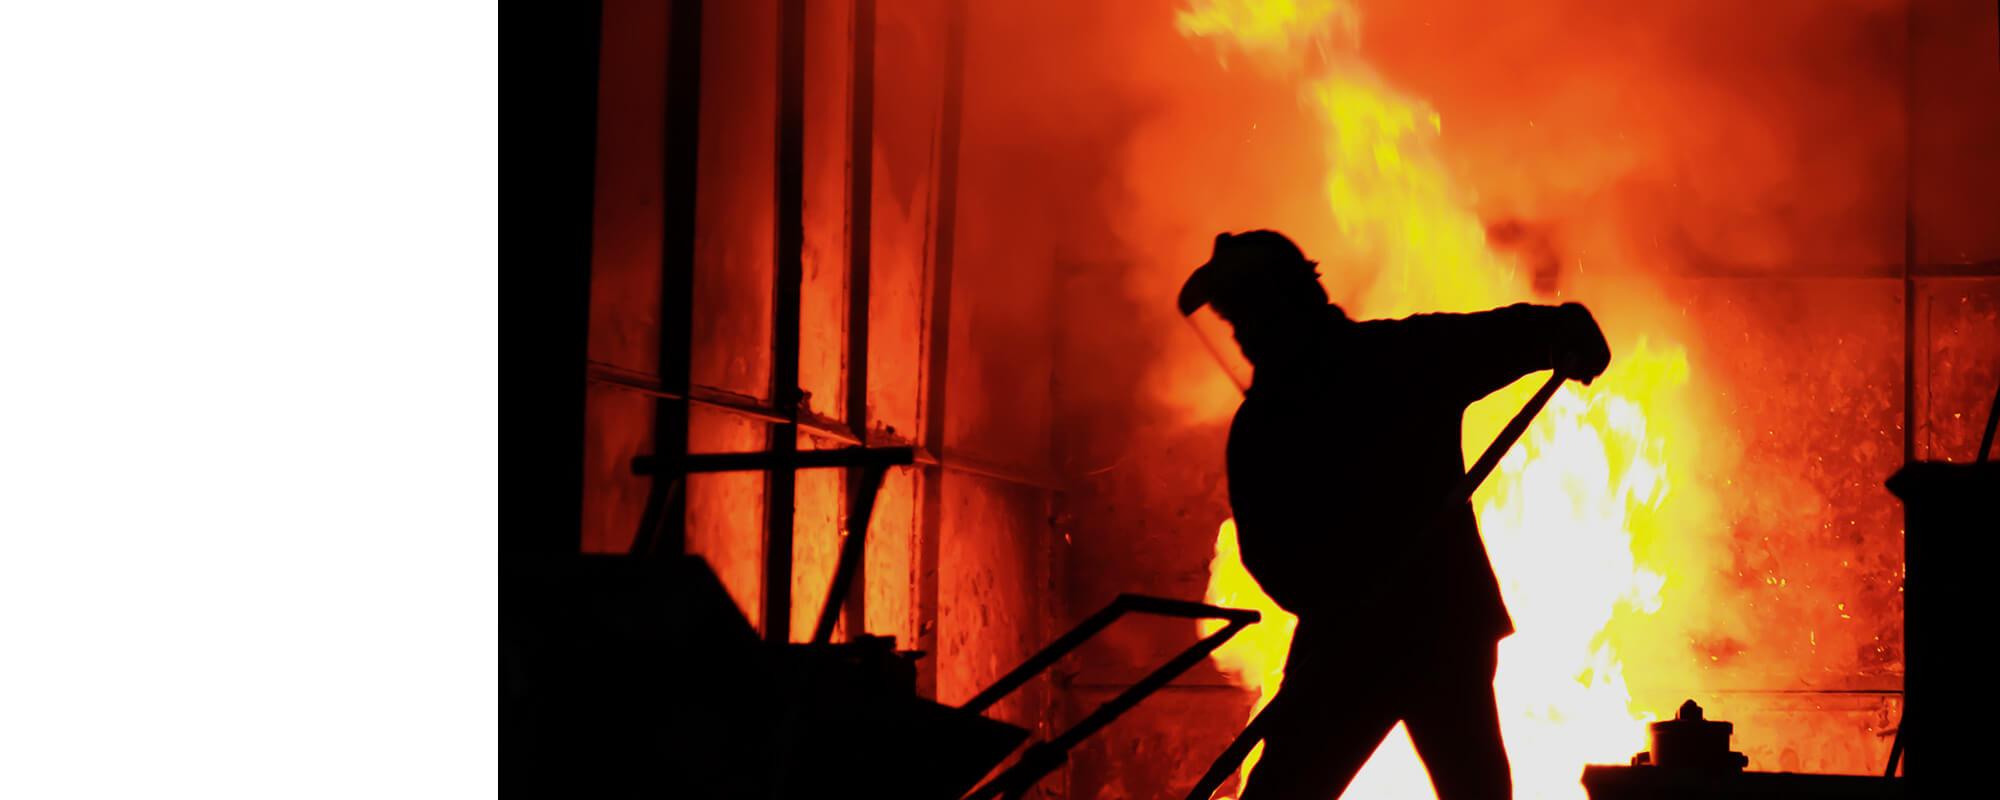 炉の修理・解体工事、築炉・溶解炉の工事は、東京都江戸川区の株式会社ヨシザワ